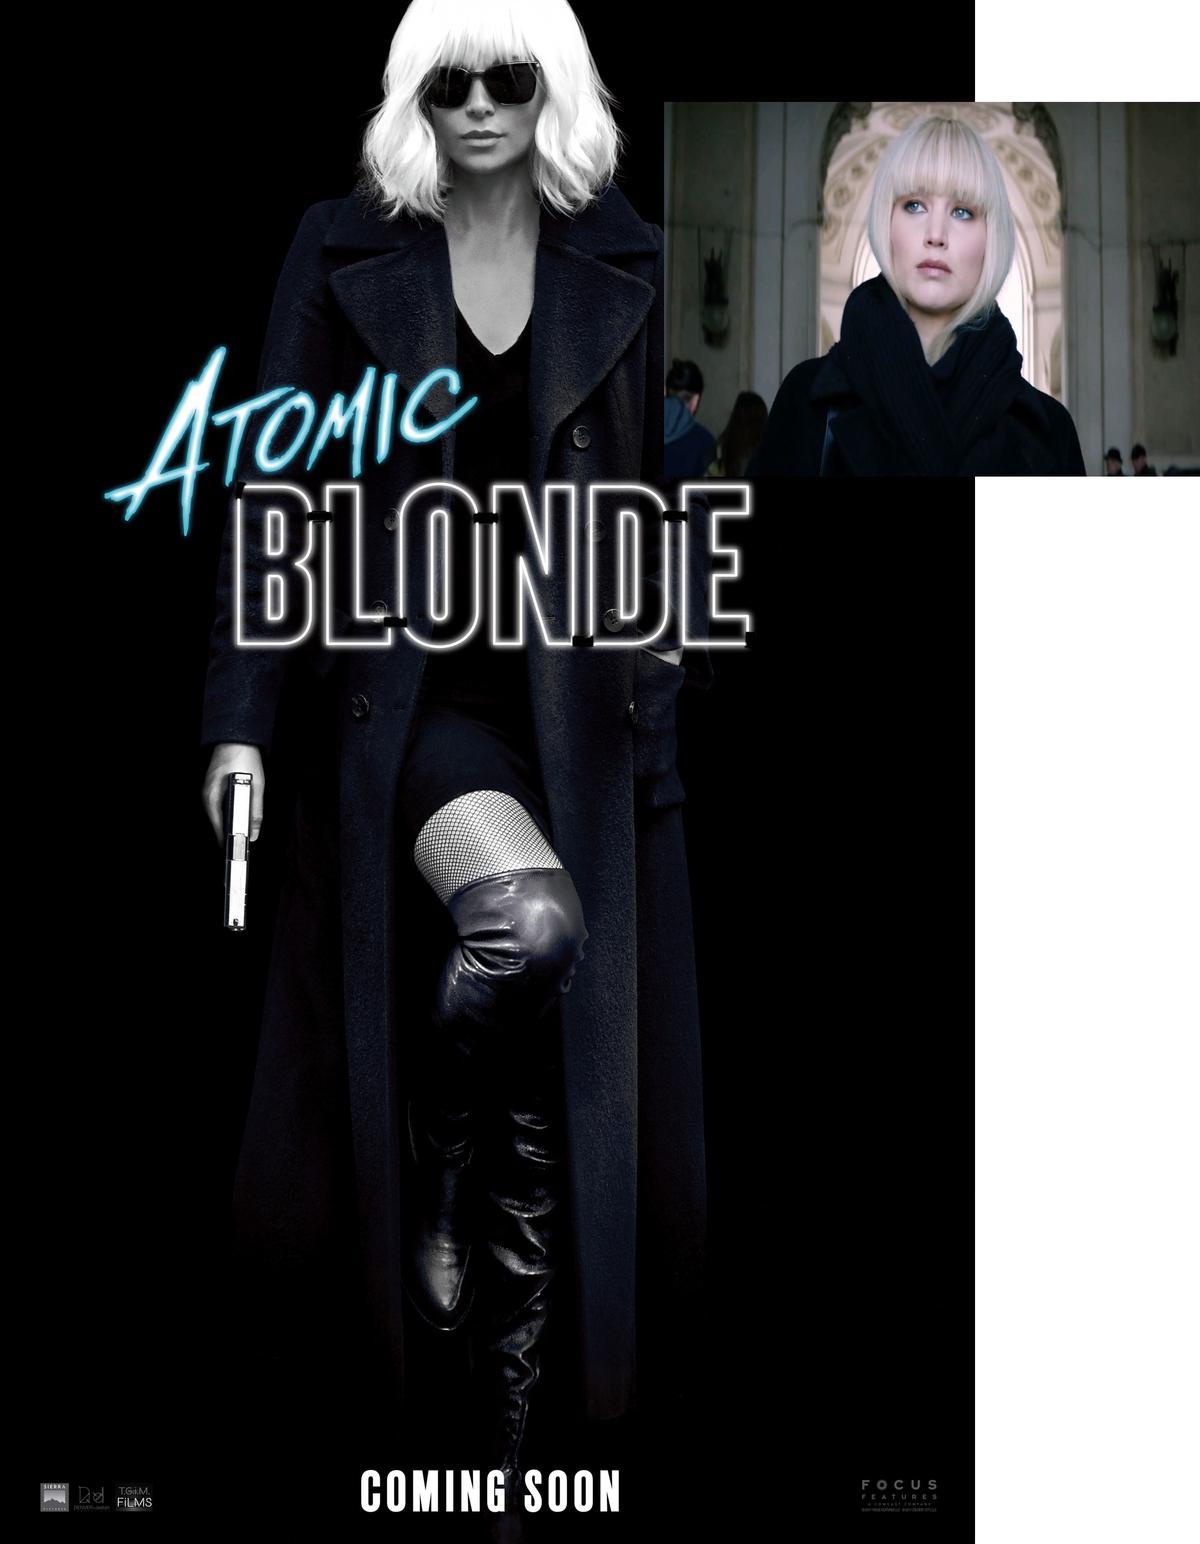 小珍妮佛白金髮、風衣的造型,與莎莉賽隆在《極凍之城》裡也非常相似。